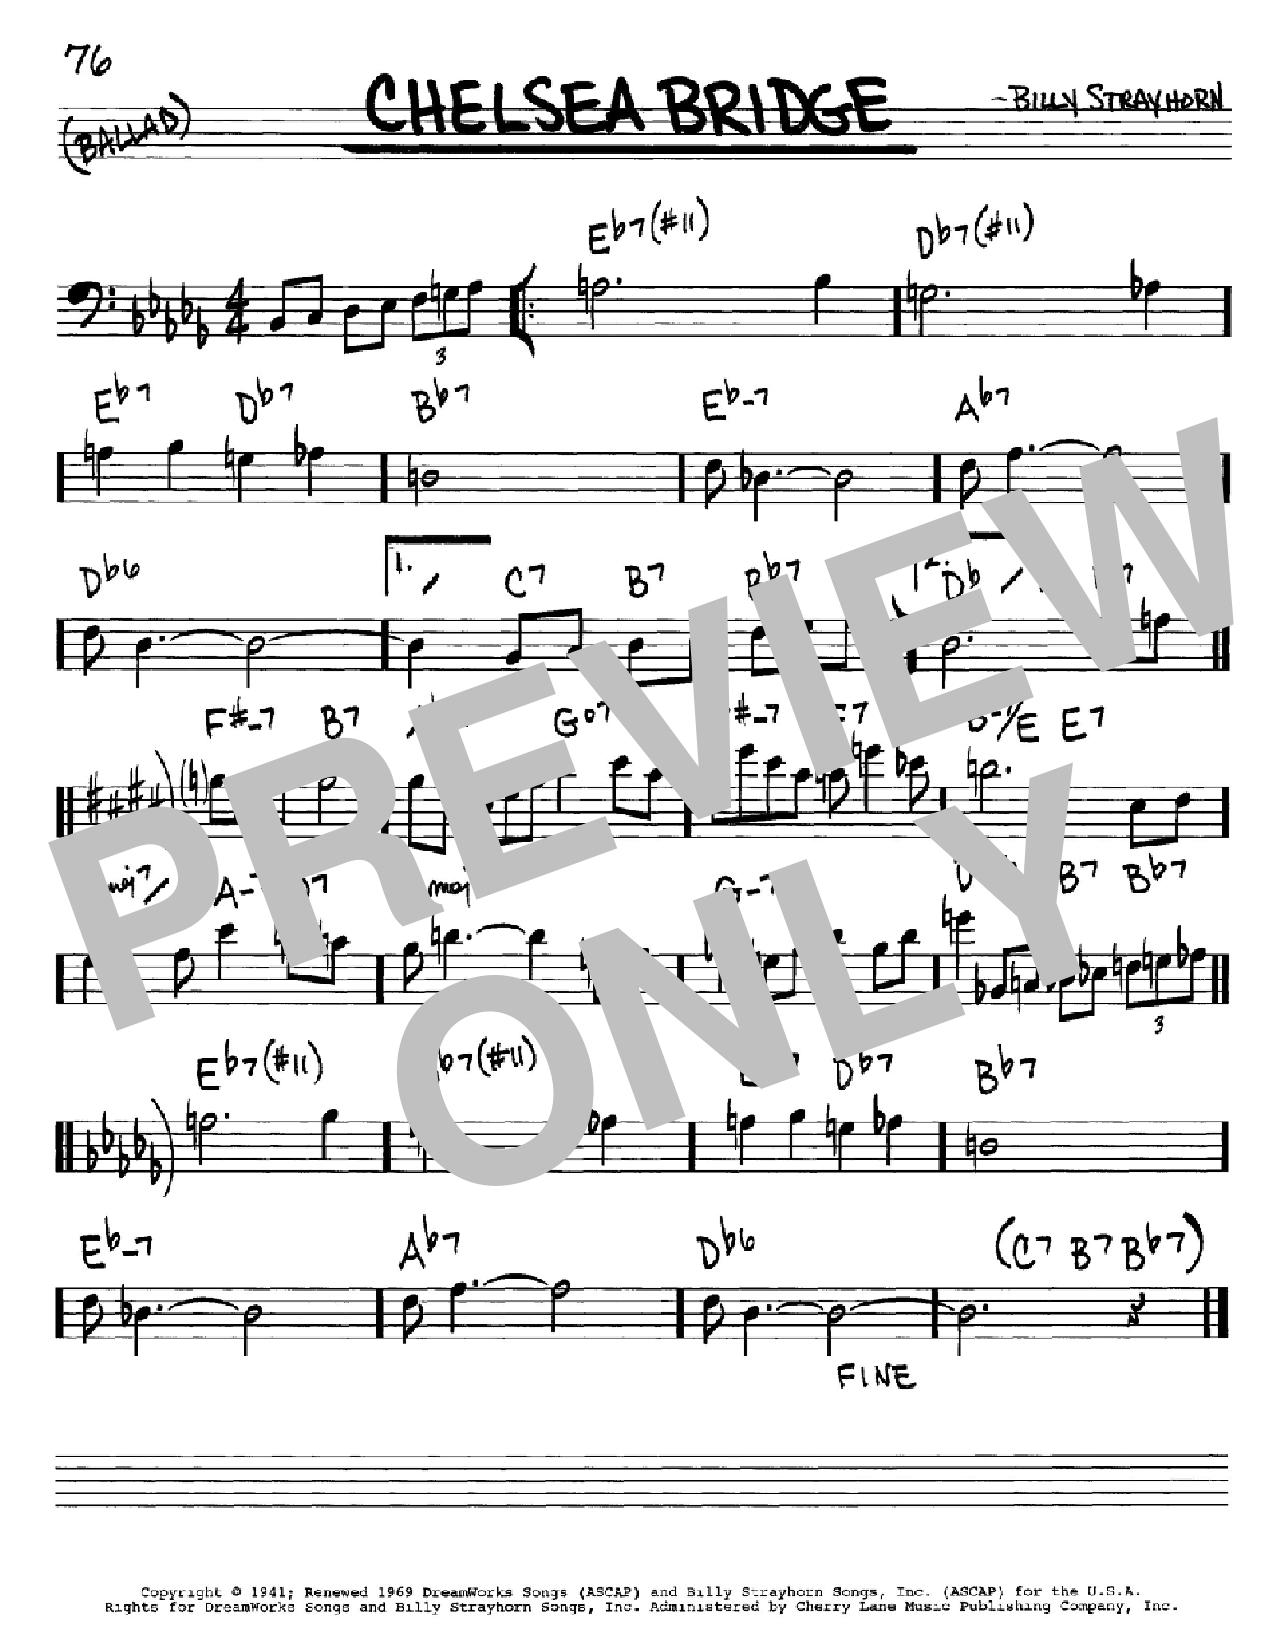 Partition autre Chelsea Bridge de Billy Strayhorn - Real Book, Melodie et Accords, Inst. En cle de Fa